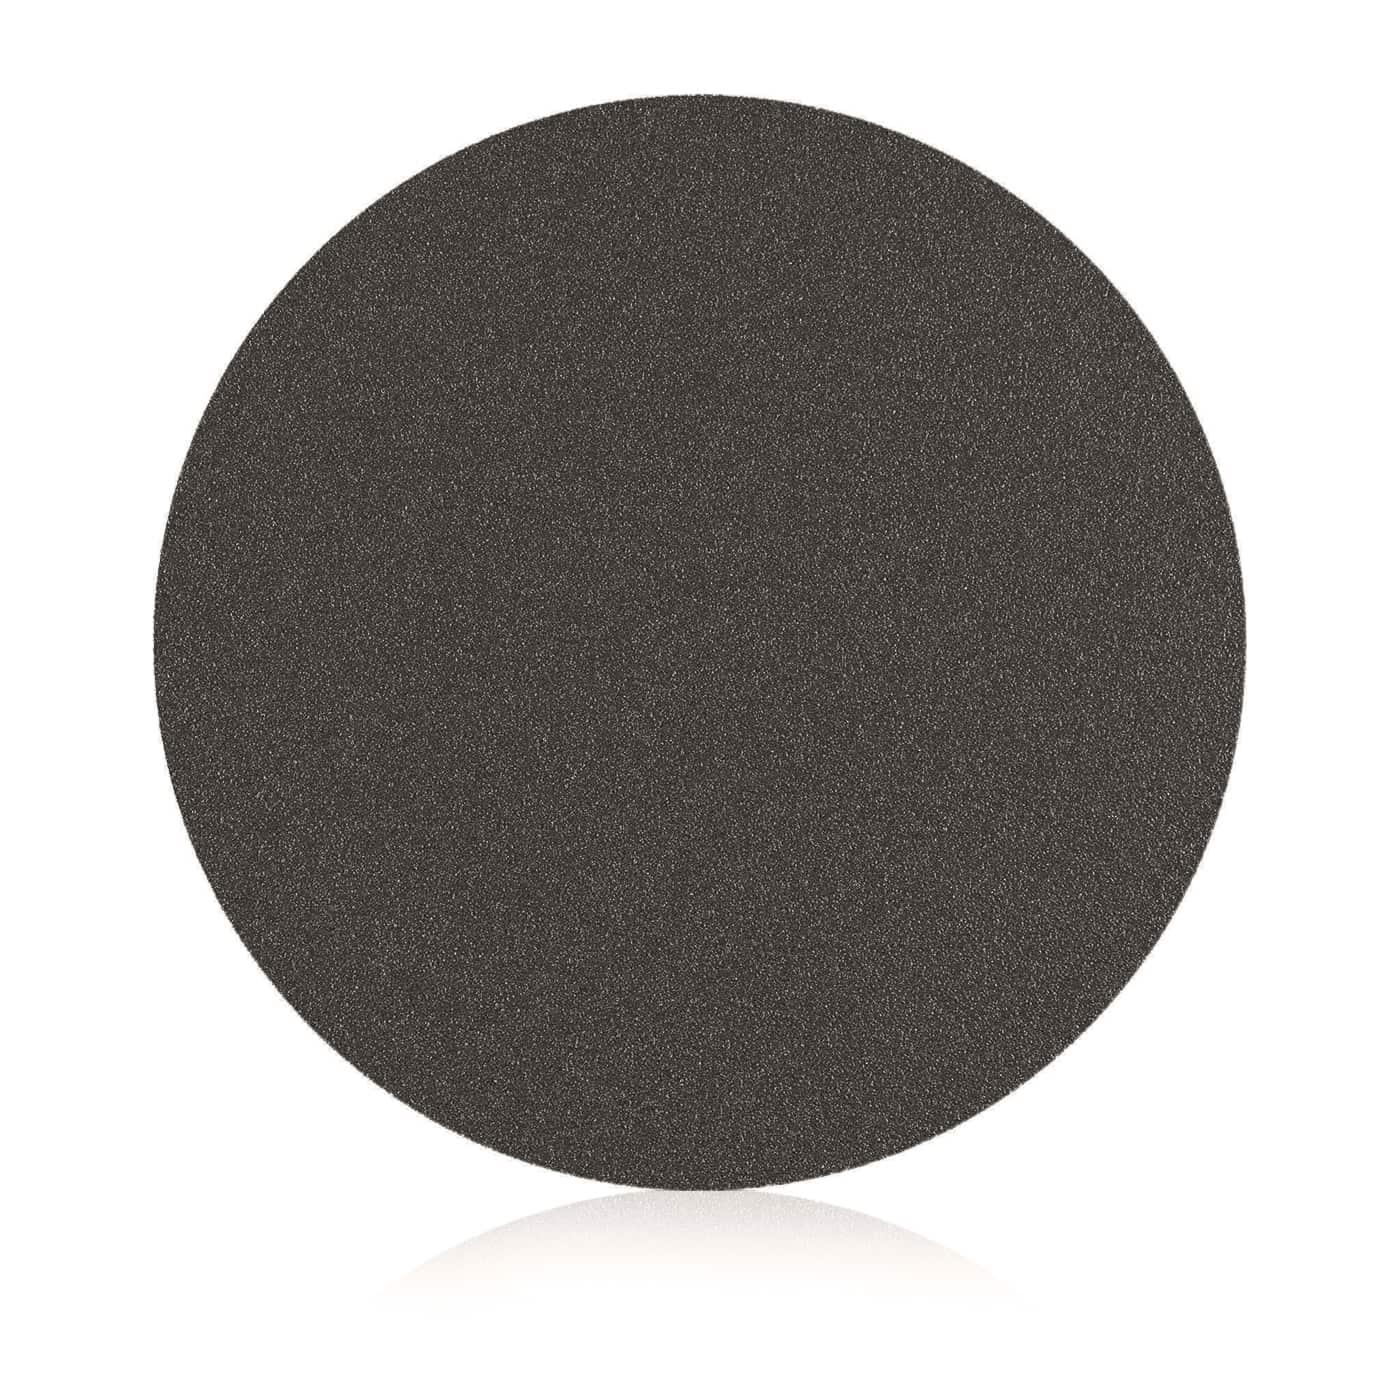 355 Marble velour discs